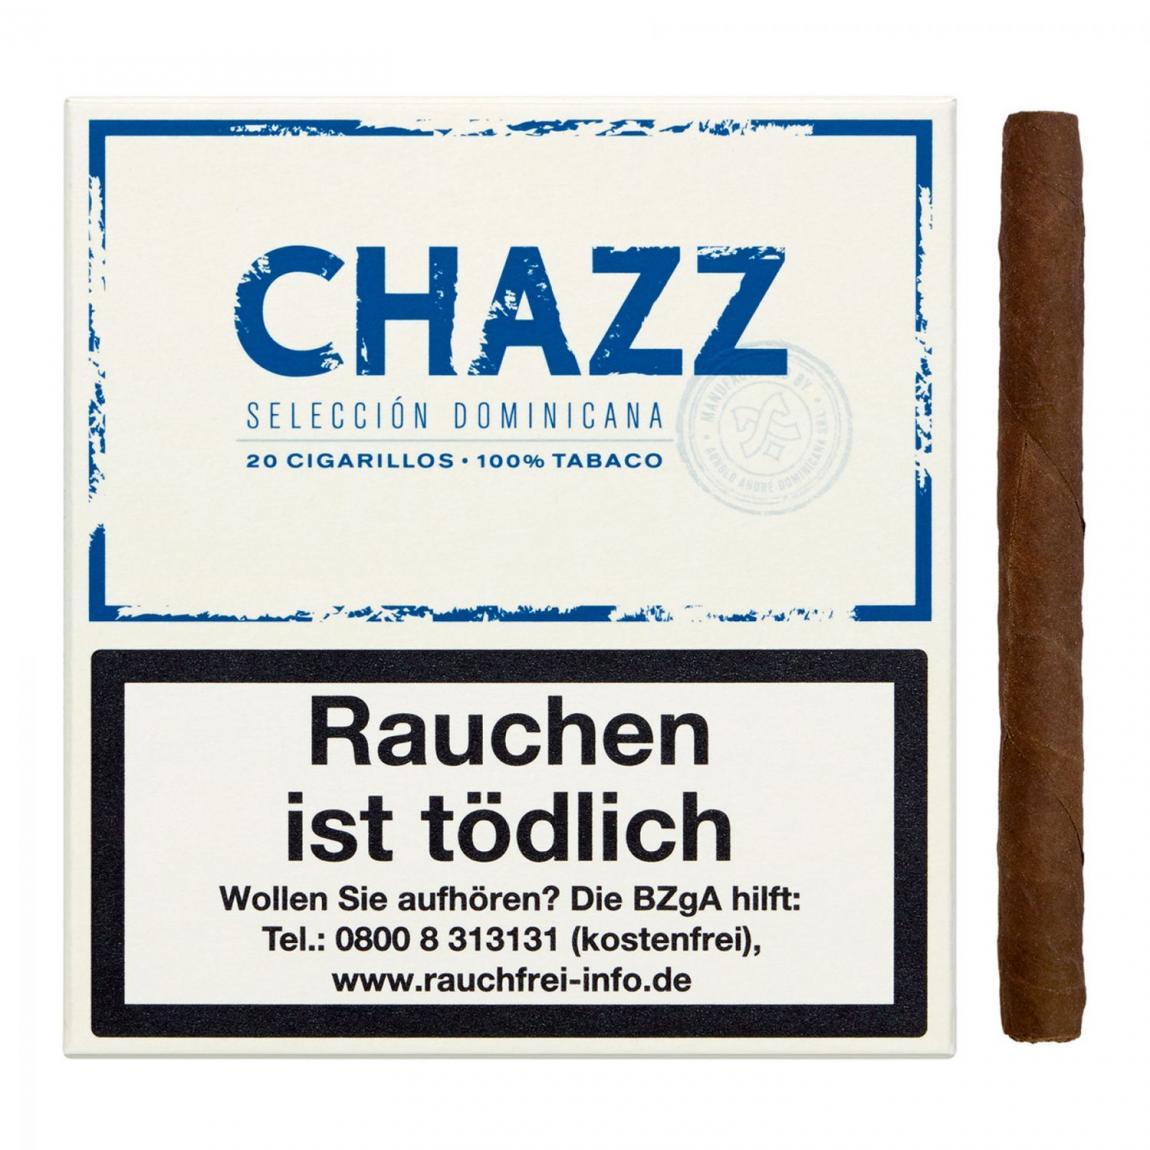 CHAZZ Cigarillos – Seleccion Dominicana 20er Schachtel